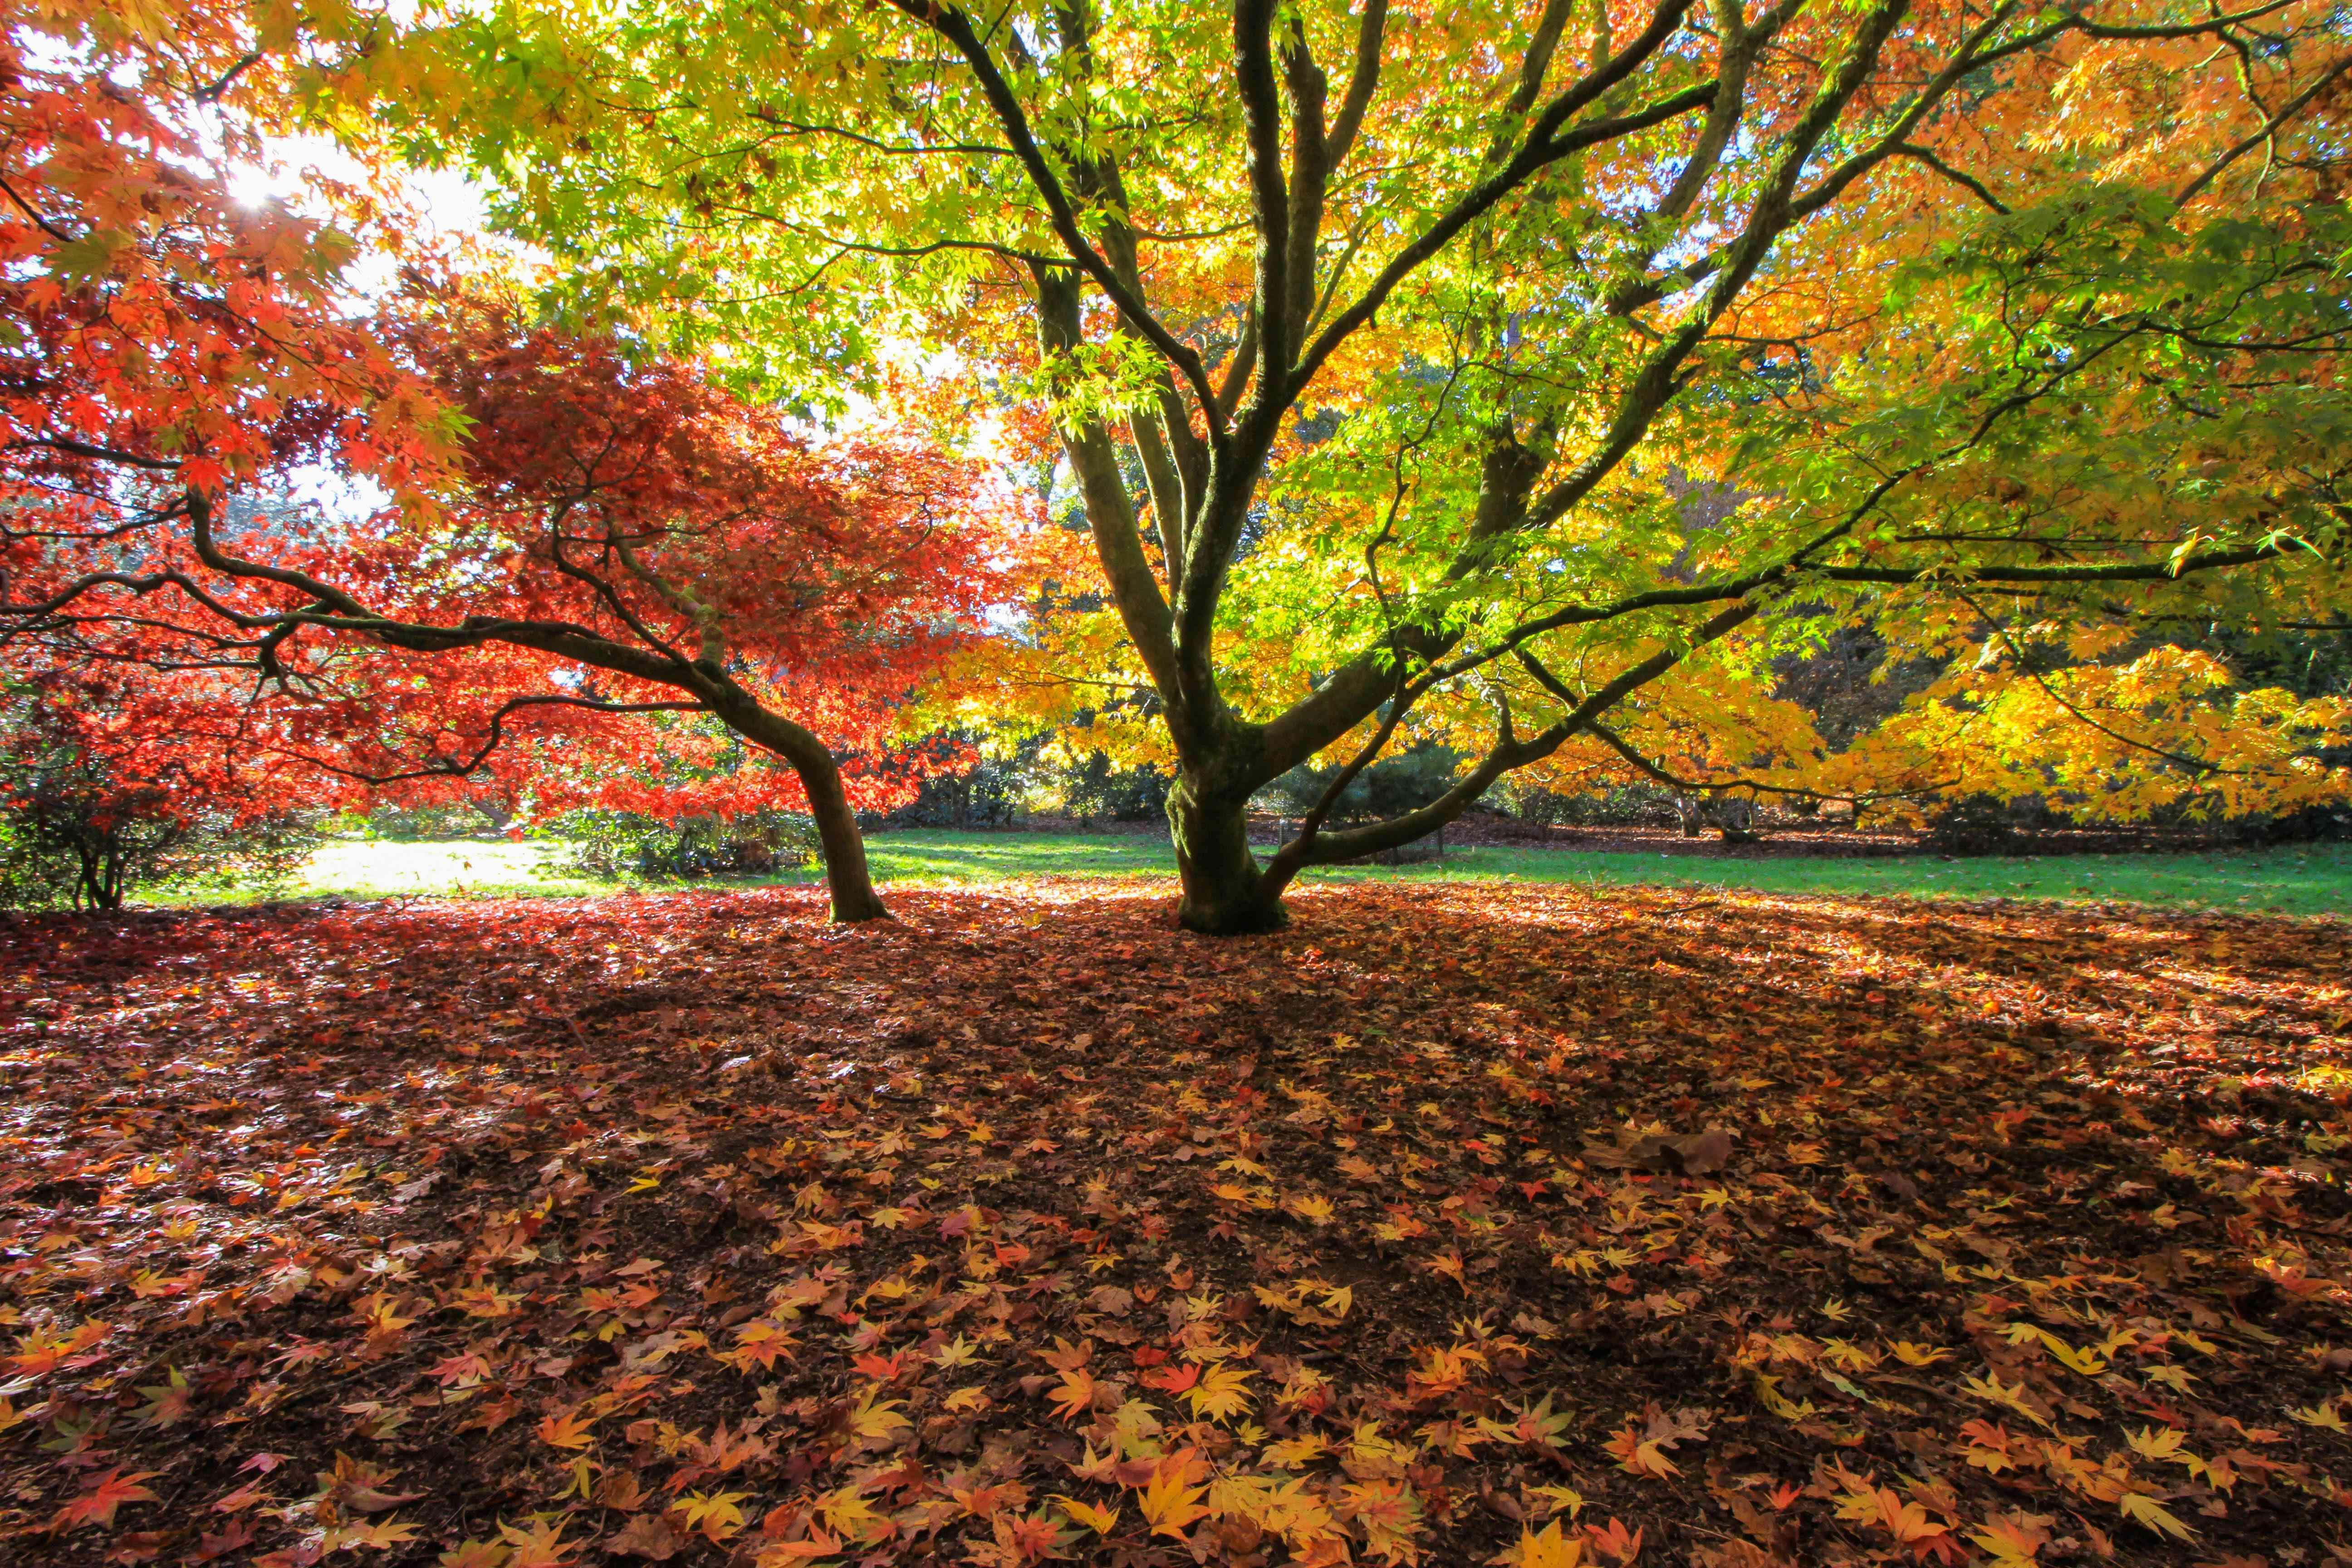 El arboreto donde los árboles pasan por el cambio de las hojas